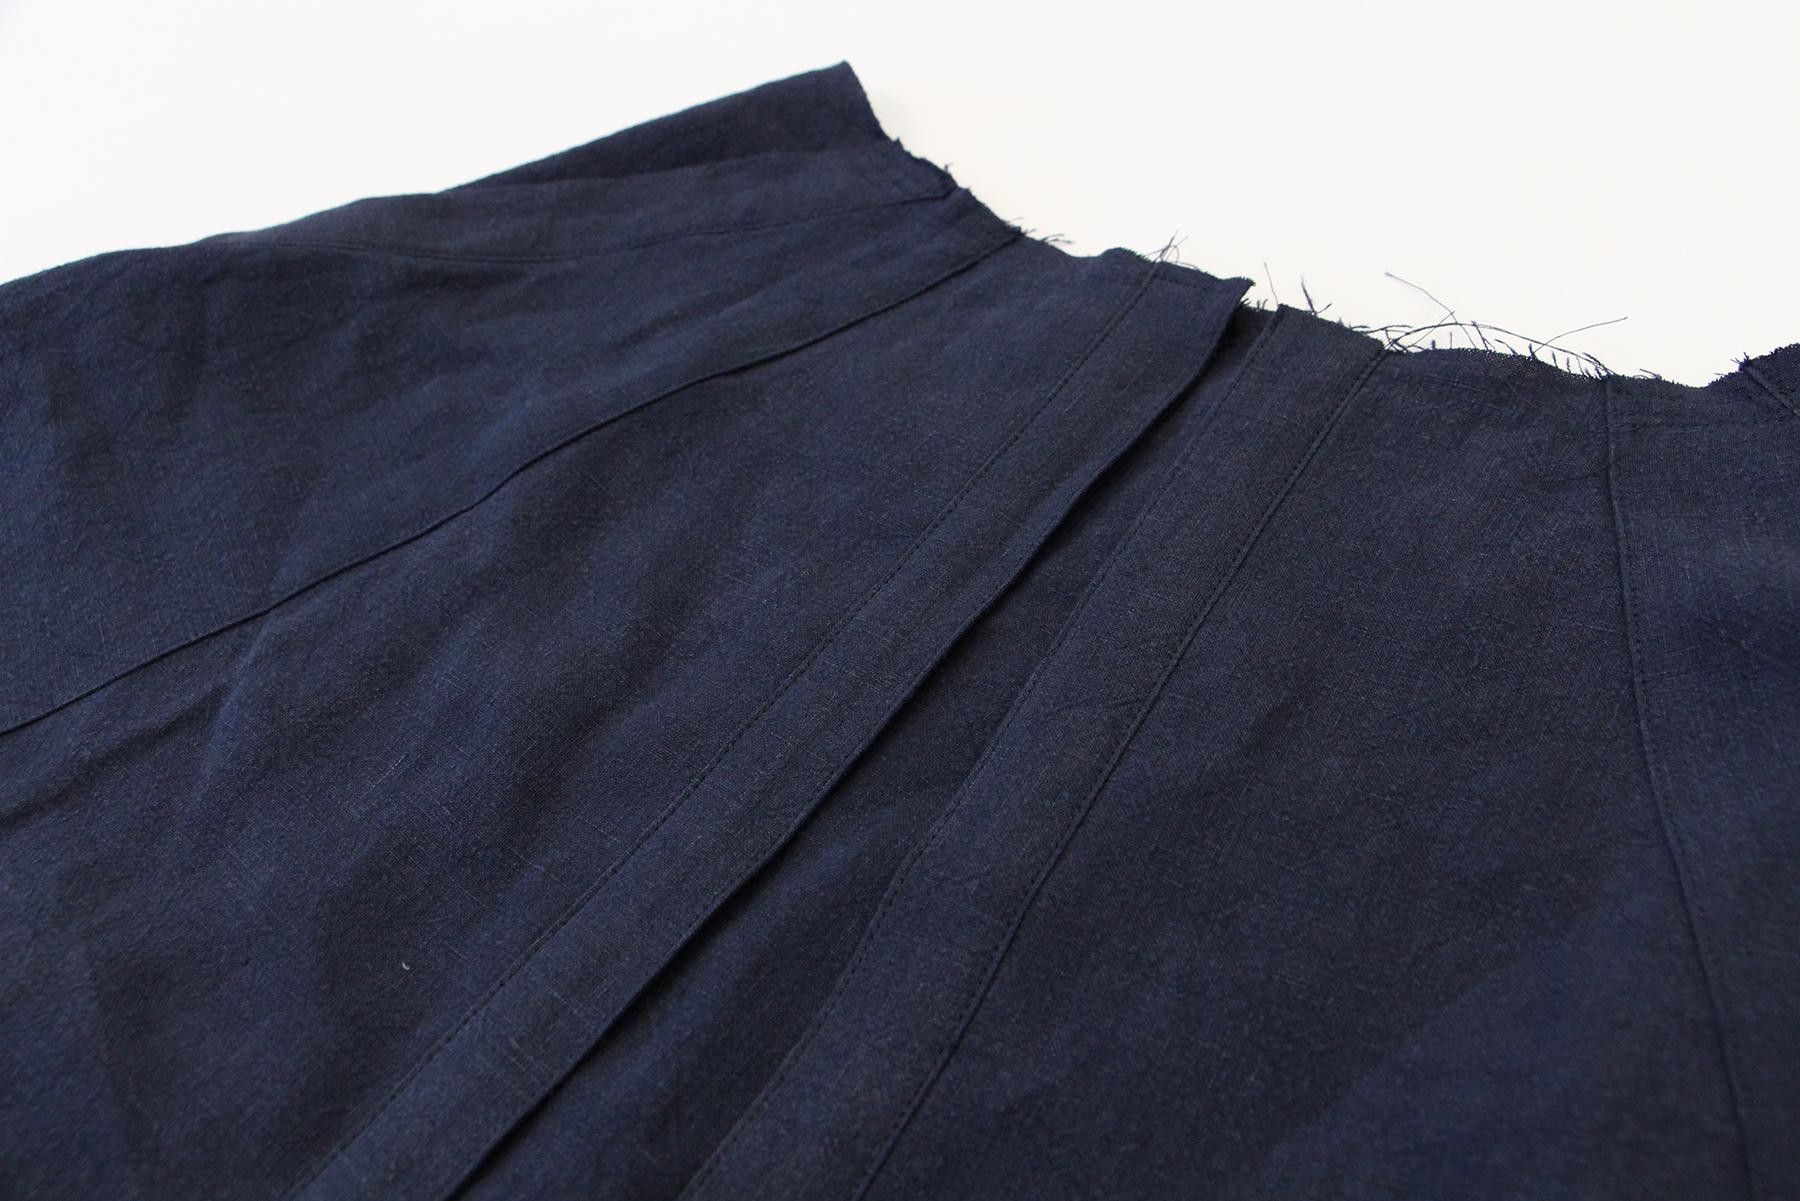 Megan Nielsen Patterns   Matilda Sewalong: Matching Set Hack   Top Stitching Your Skirt Placket